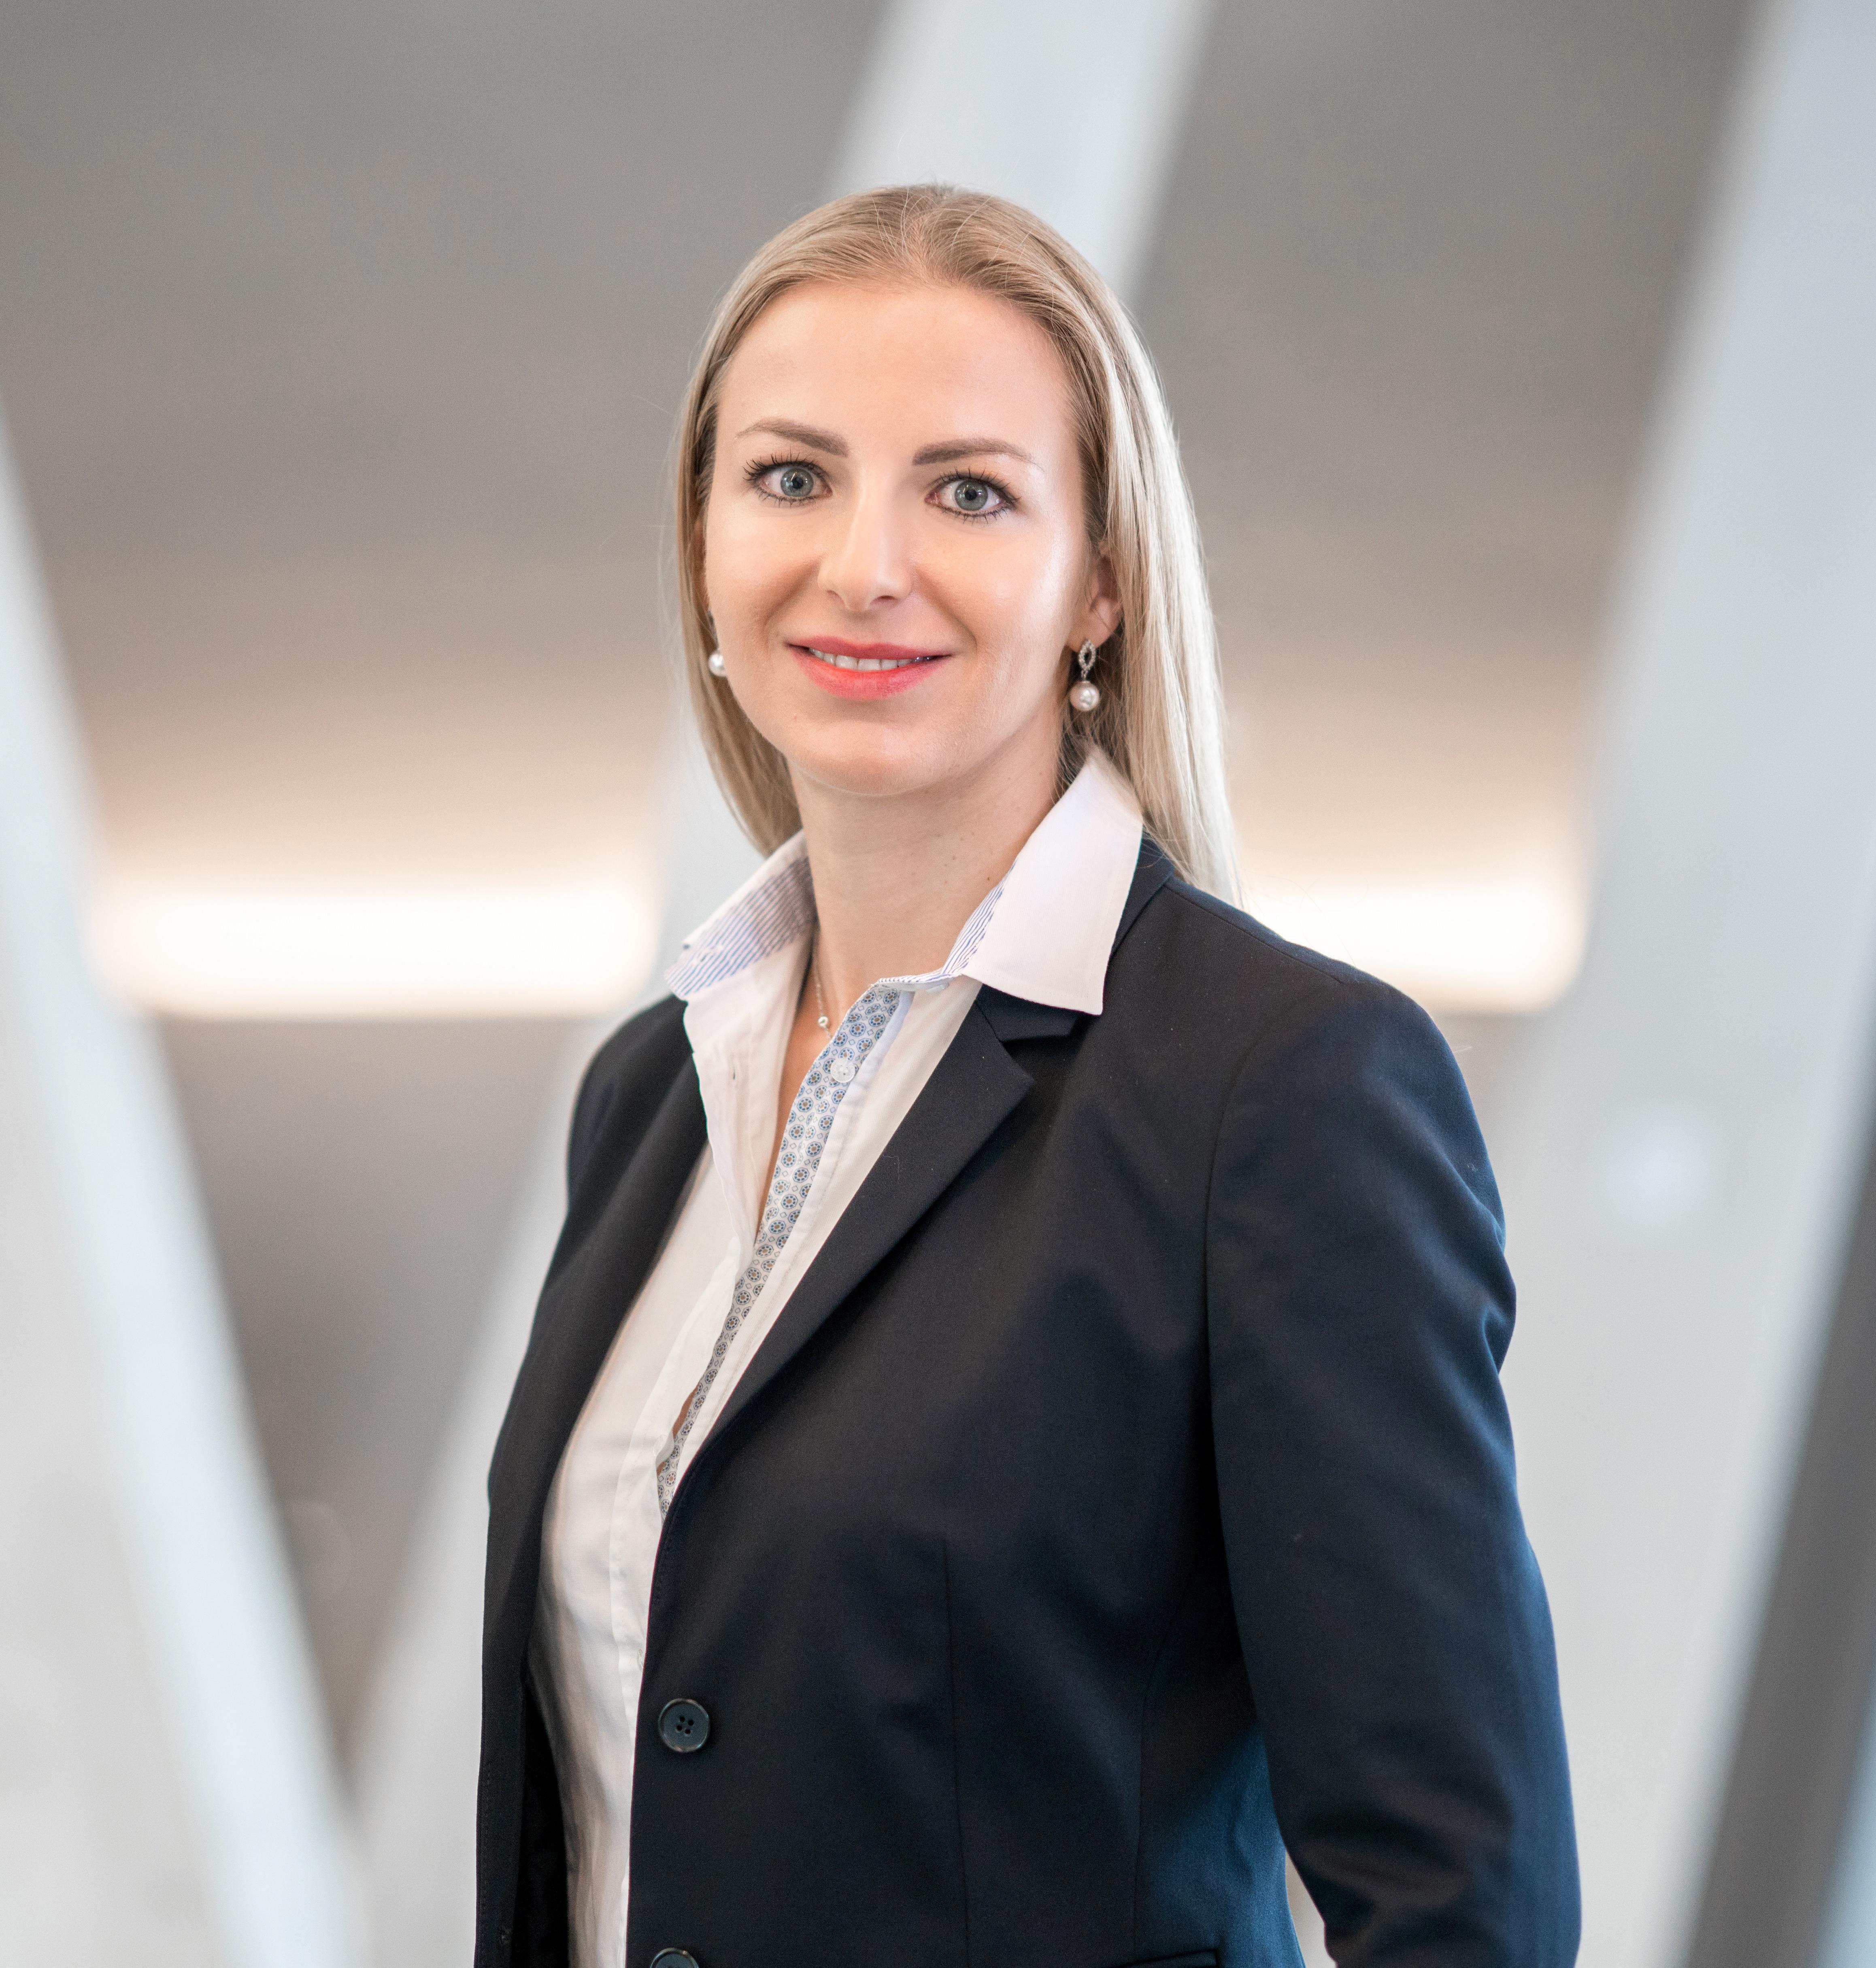 Carmen Obermüller